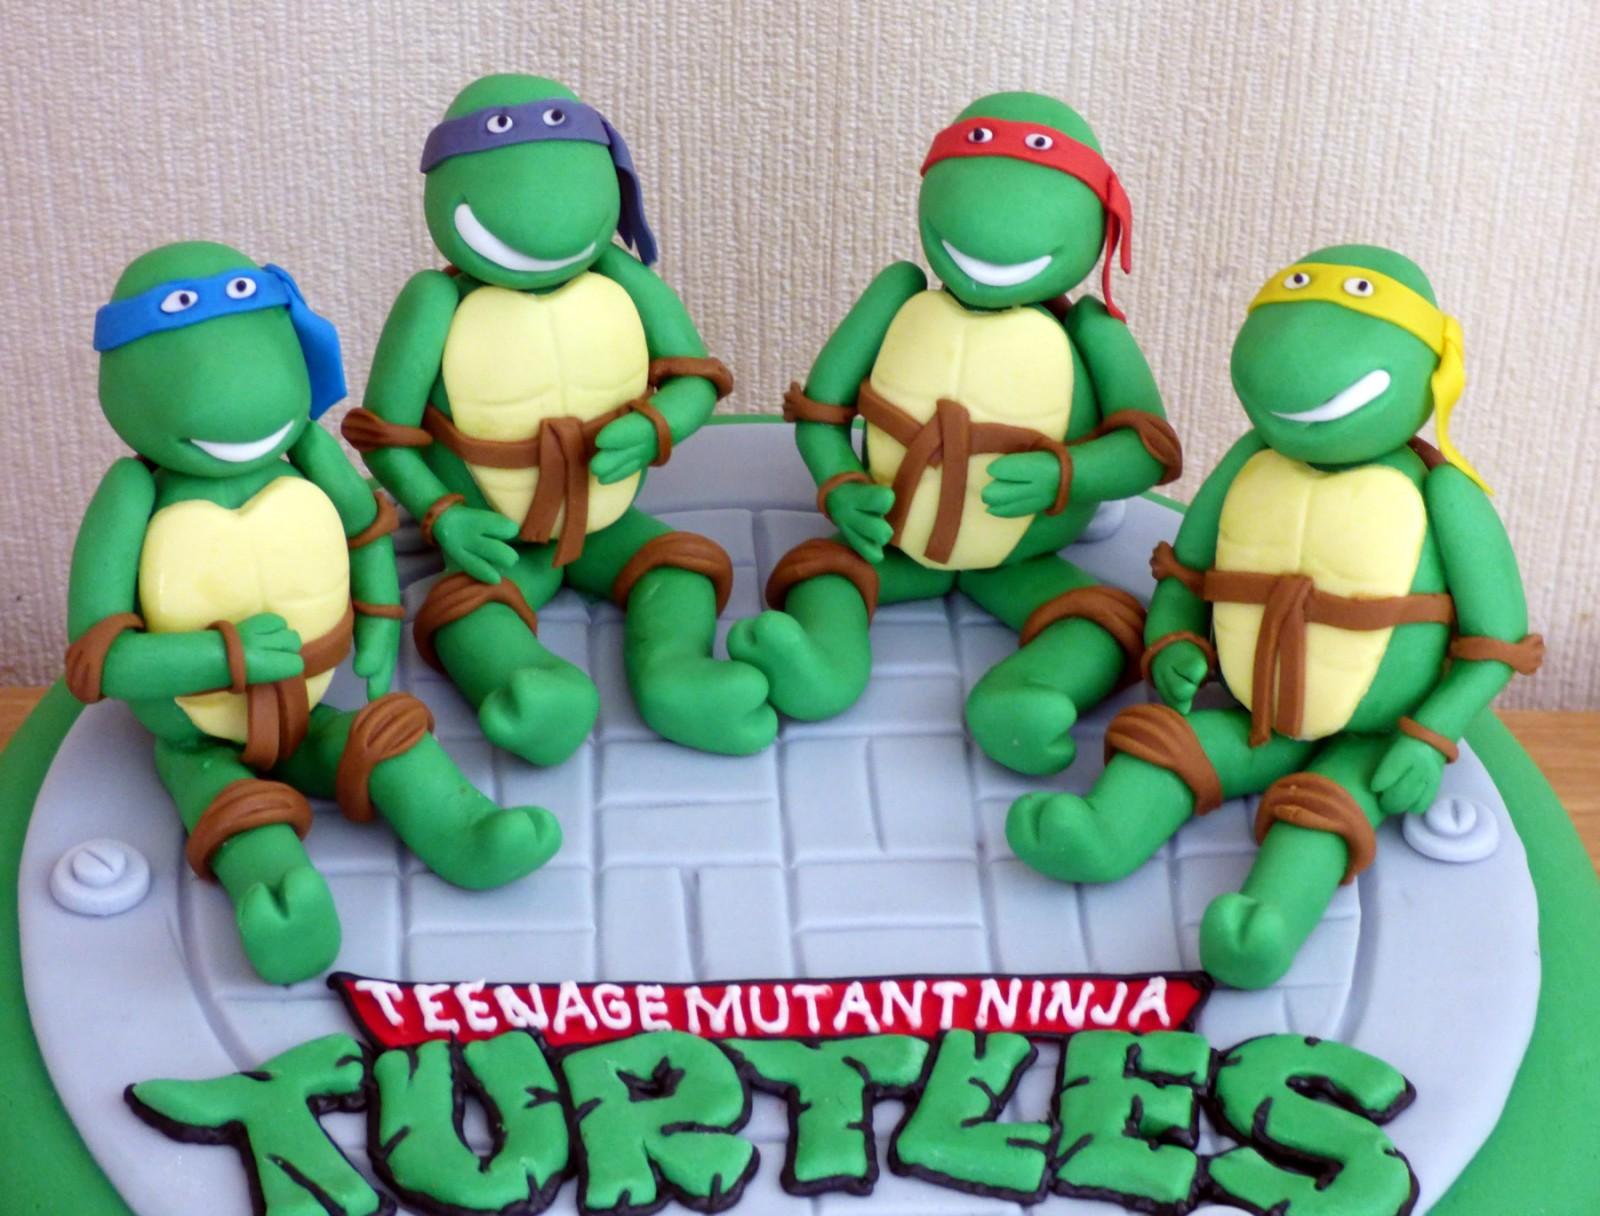 Teenage Mutant Ninja Turtles Novelty Birthday Cake Susie